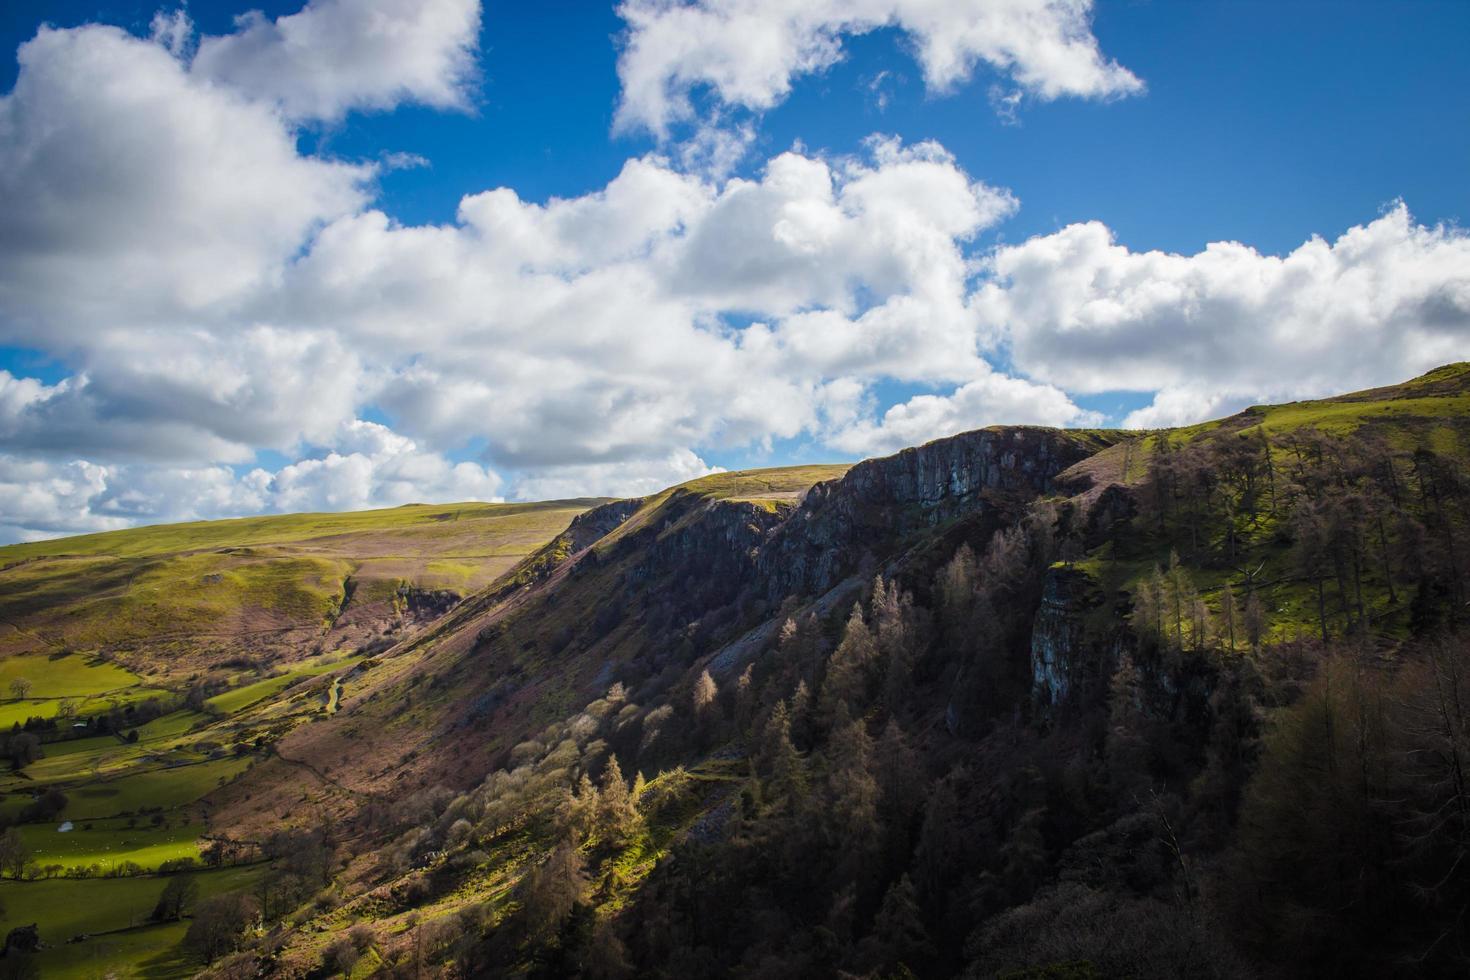 montagna verde durante il giorno foto